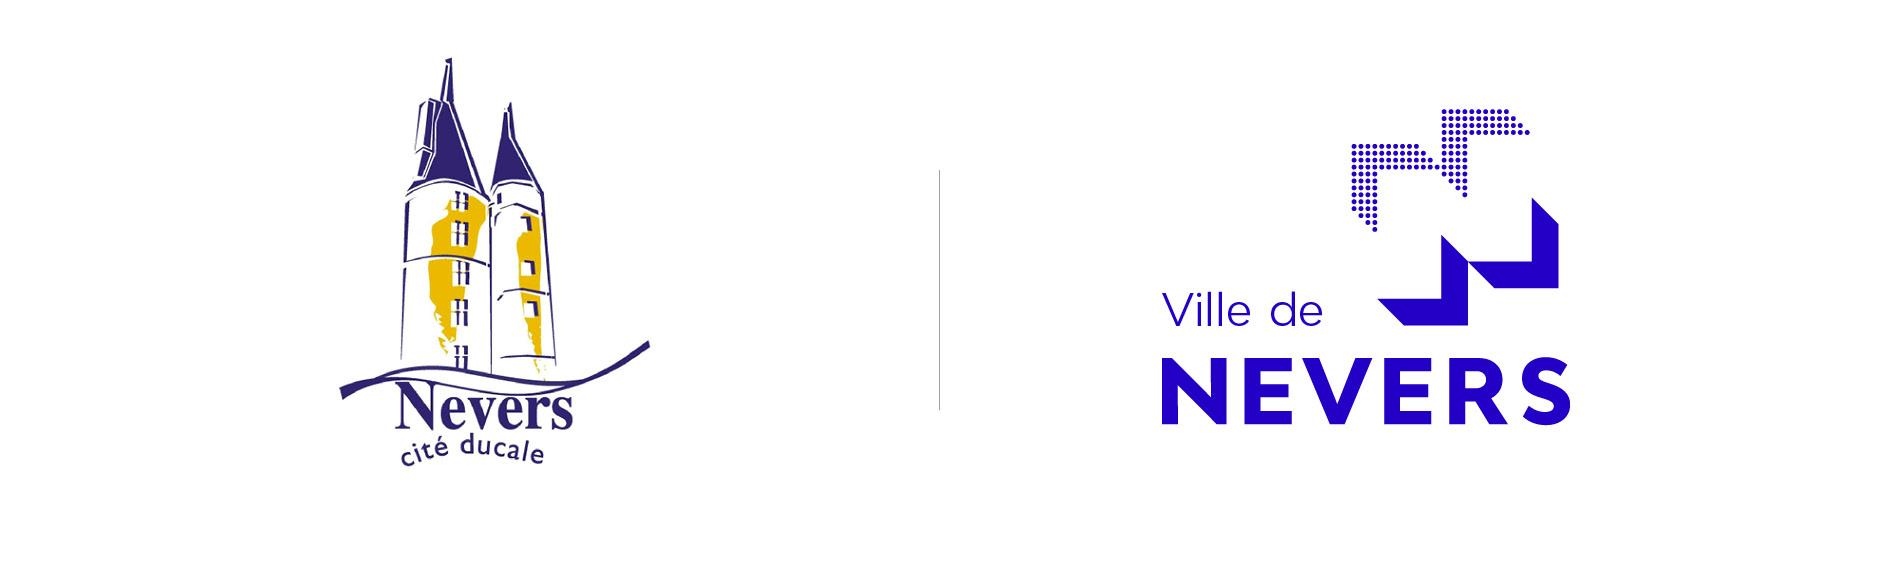 comparaison logo nevers ancien et nouveau